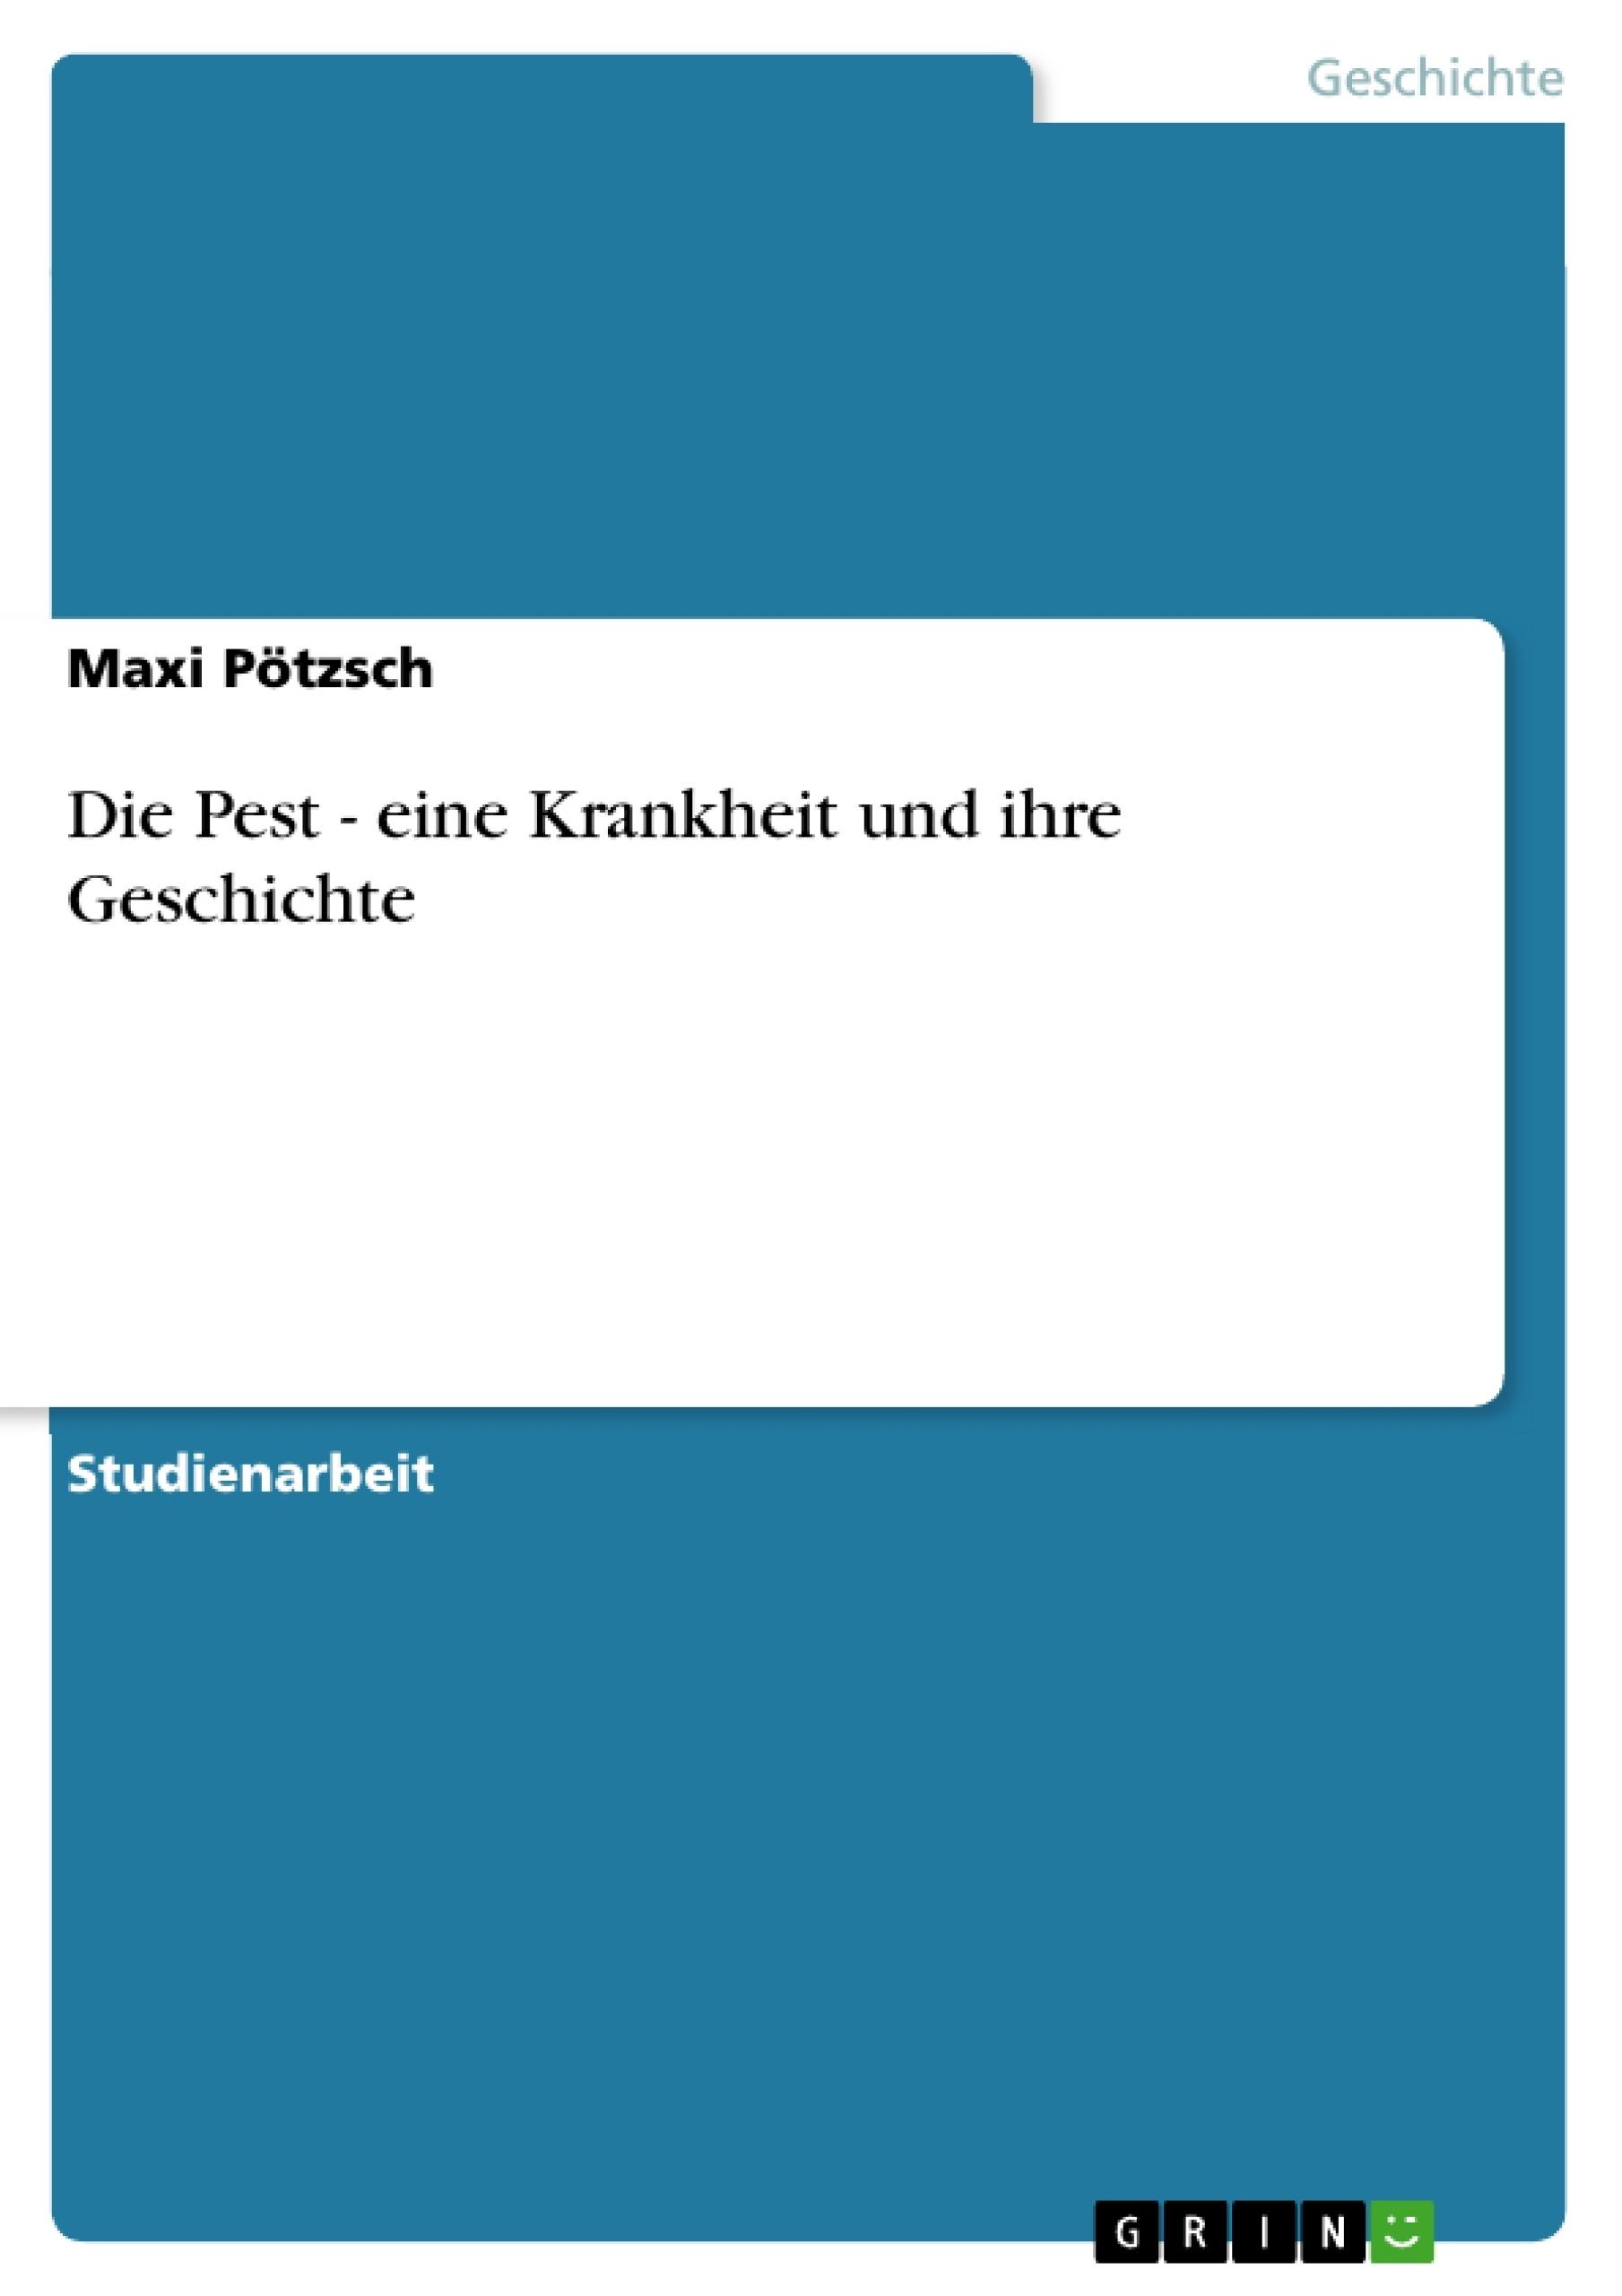 Titel: Die Pest - eine Krankheit und ihre Geschichte